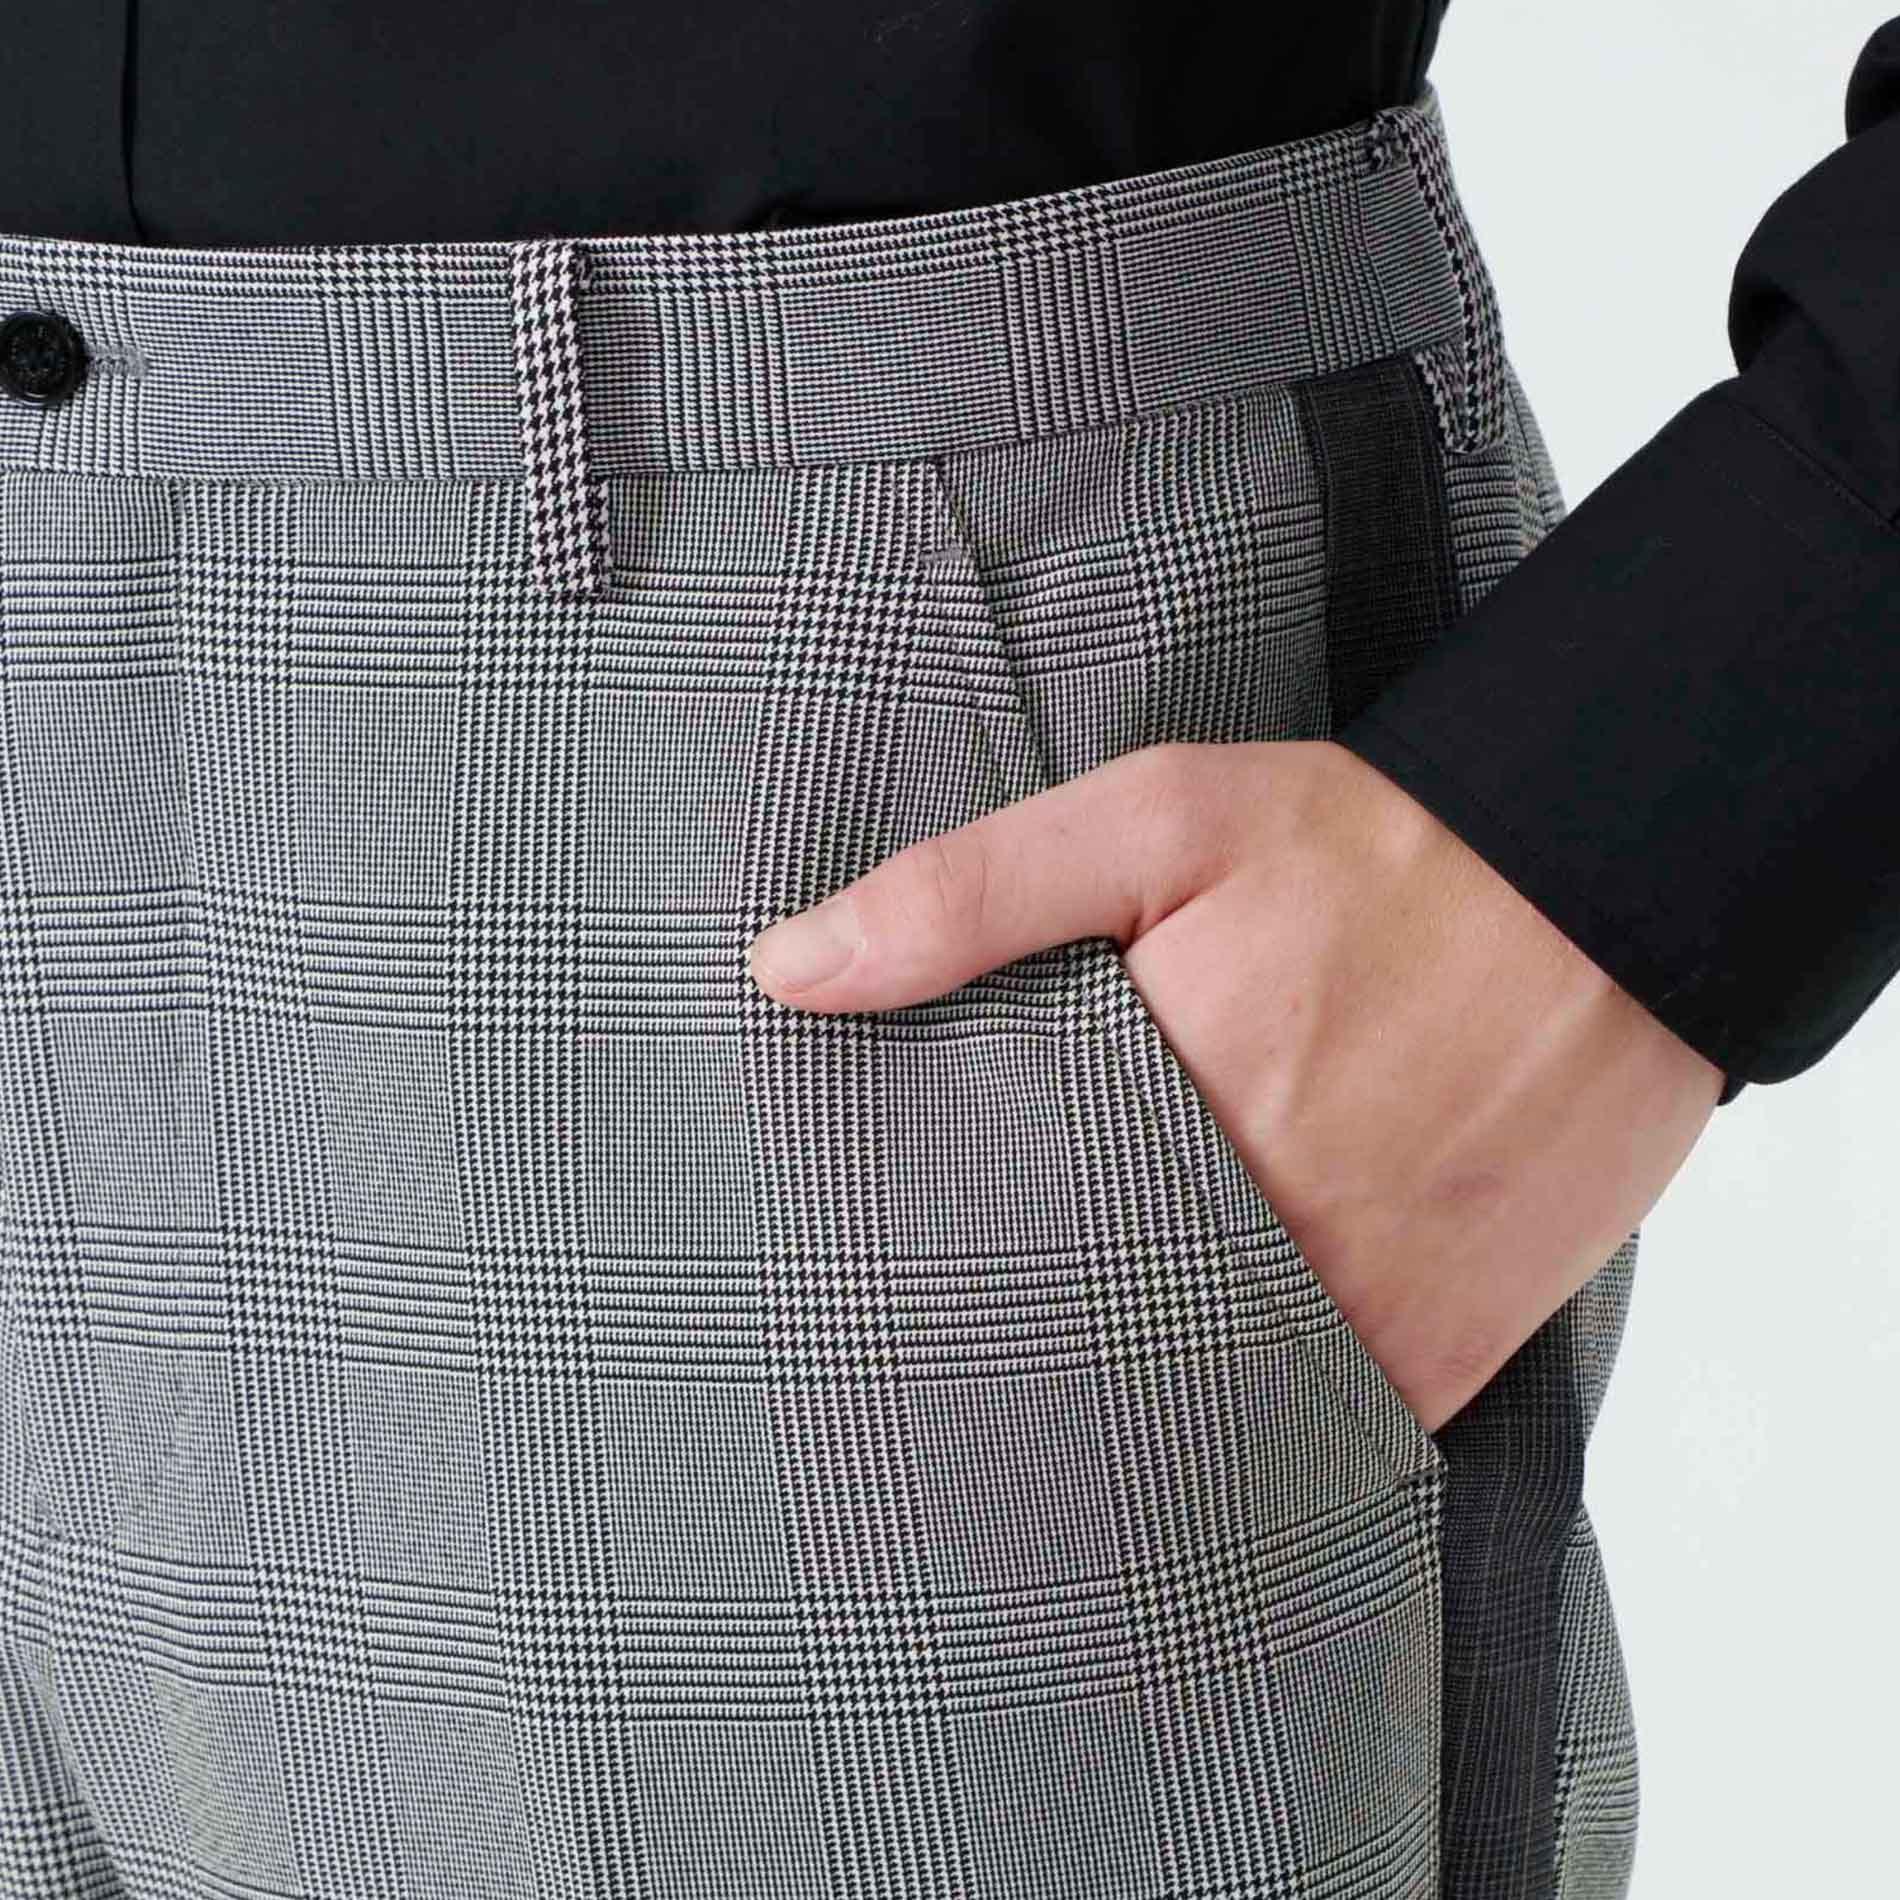 ブロッキングチェック パンツ